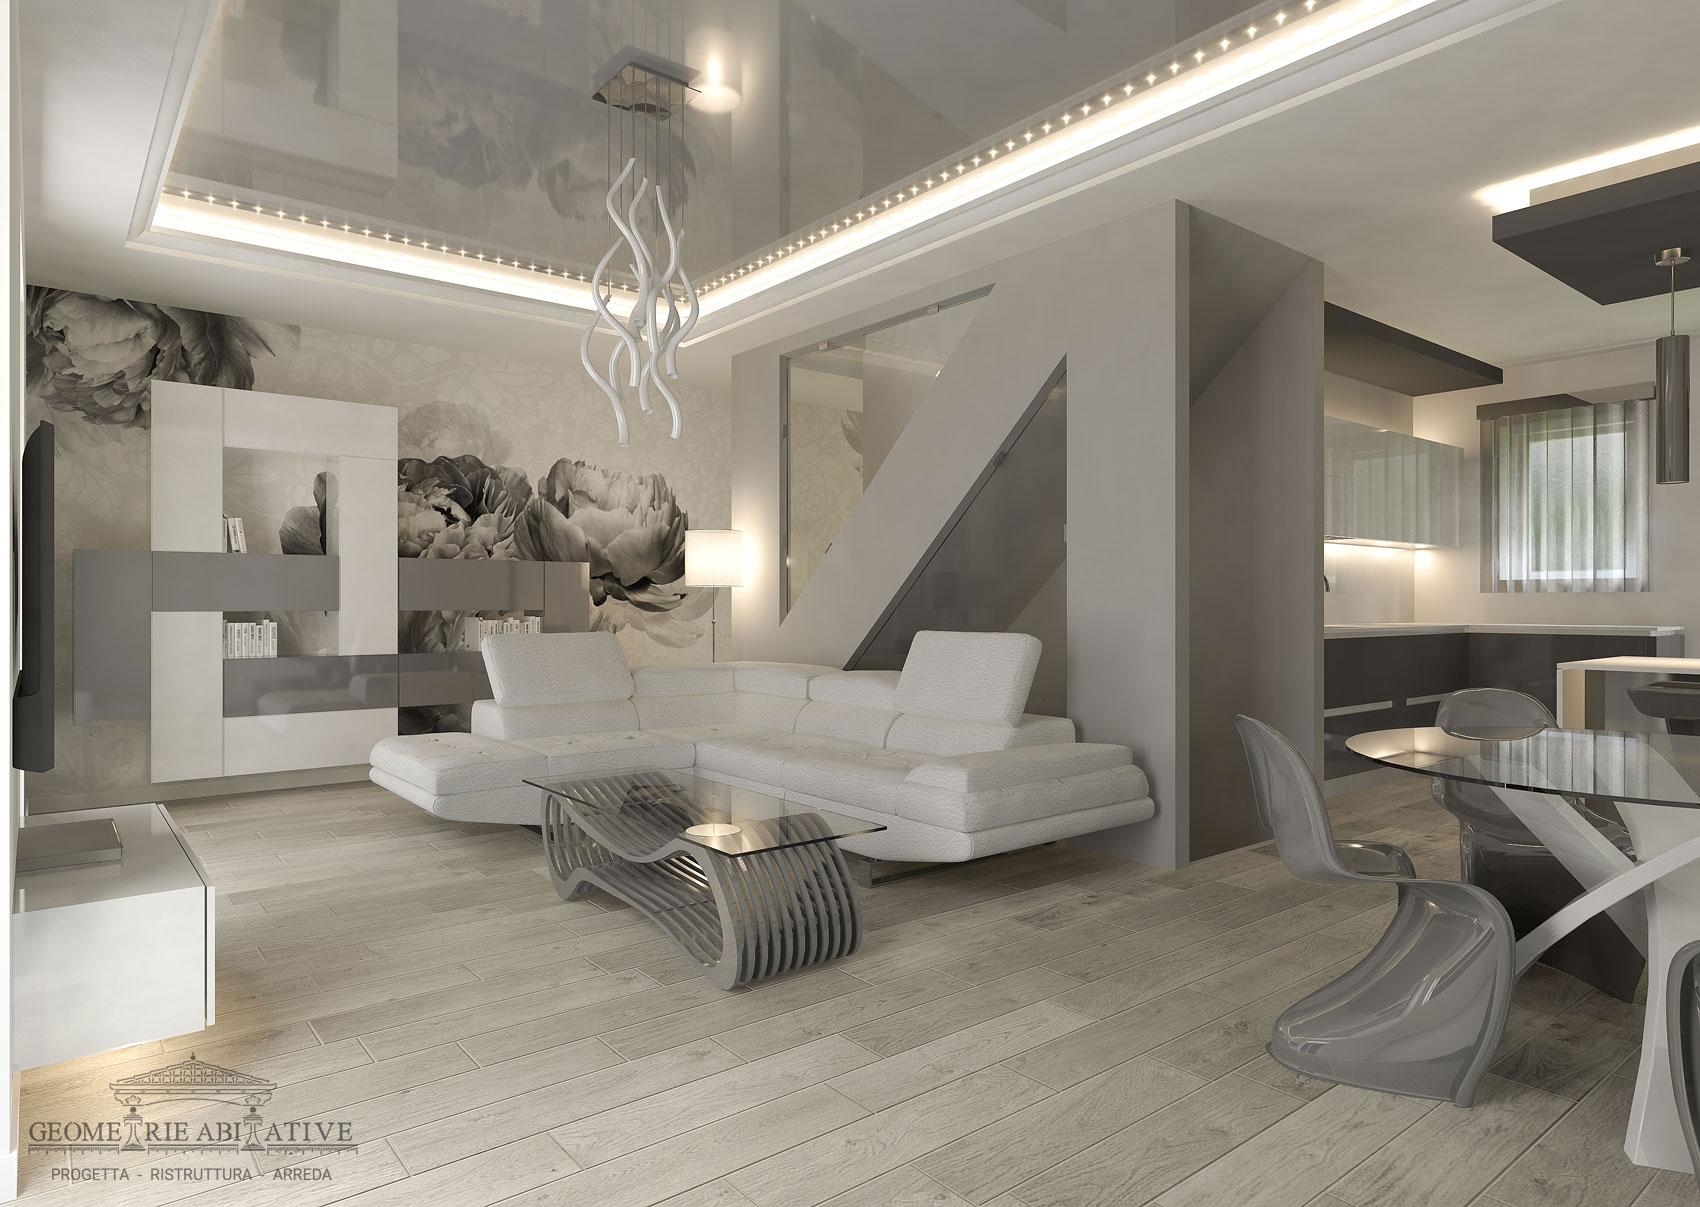 Come arredare casa per ottenere un grande risultato estetico for Design interni case moderne